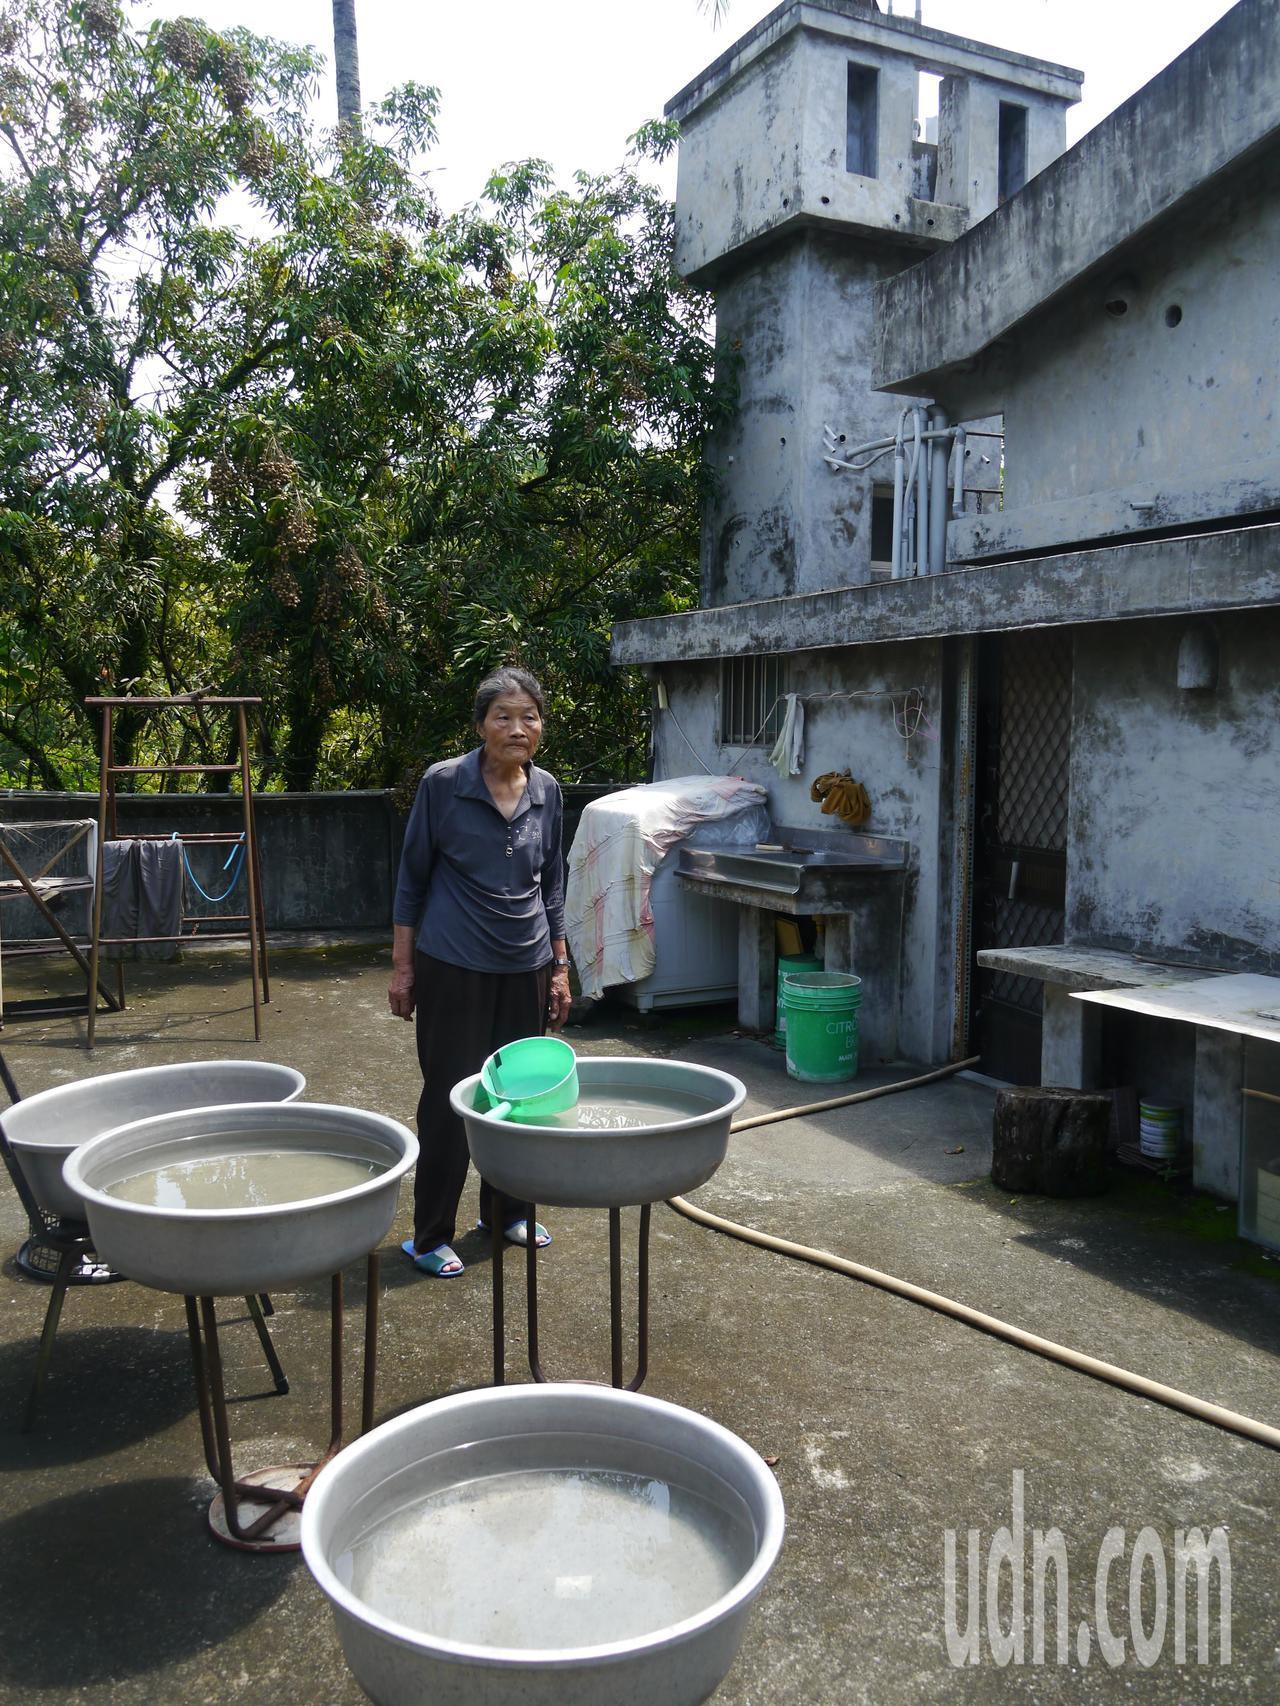 陳初珠阿嬤家中用水主要引自山中溪流,但仍要用容器儲存大量雨水備用,她背後頂樓的水...